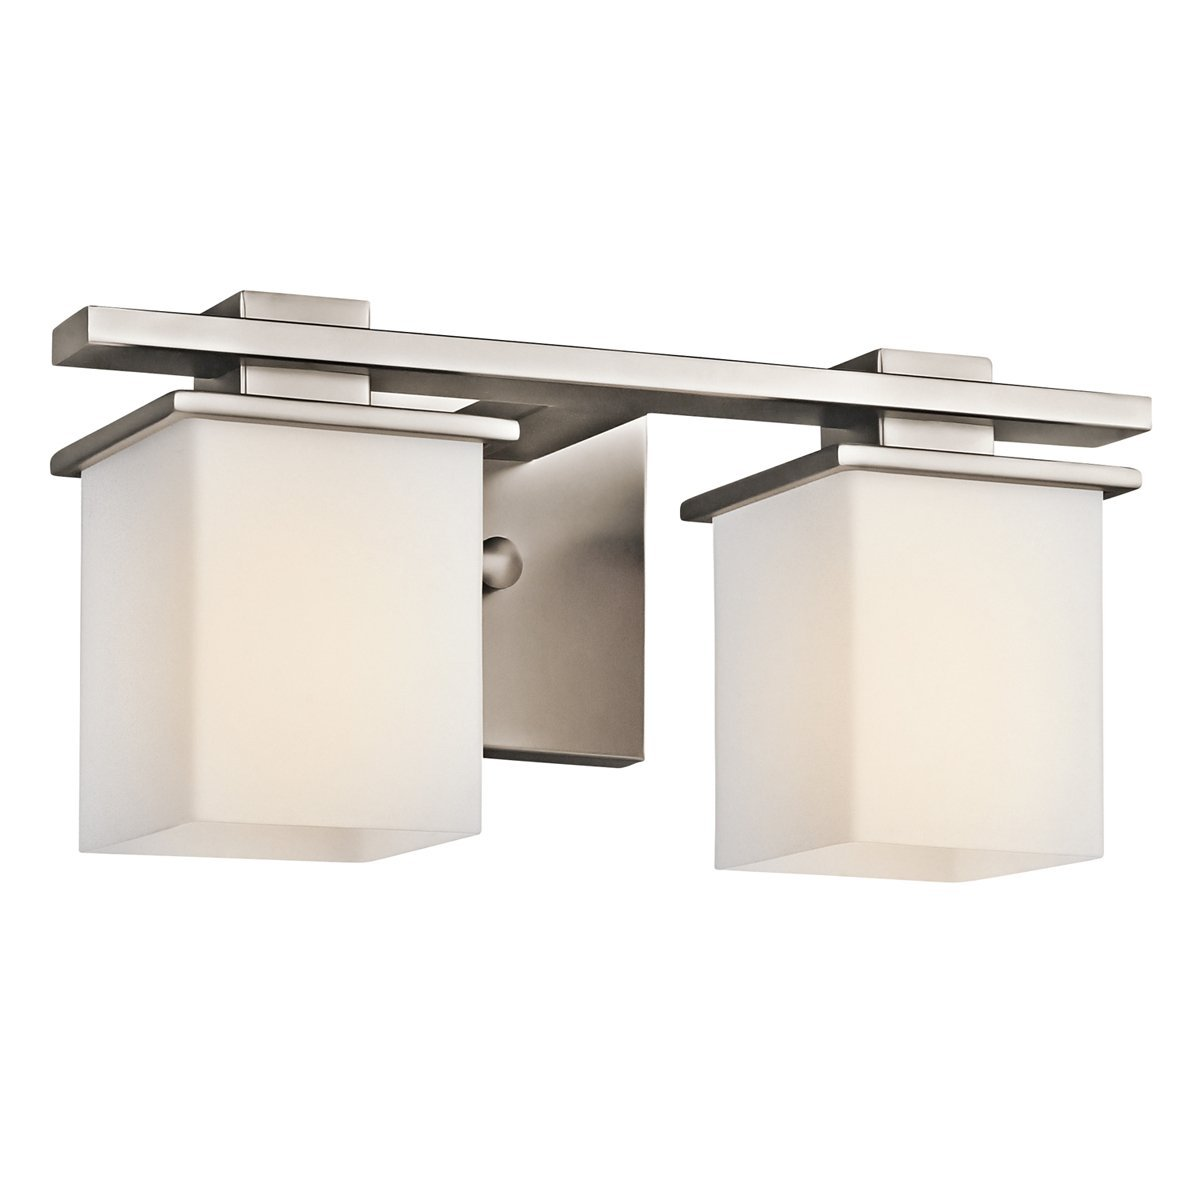 アンティークピューターTully 2ライト15 in。Wide Vanityライトバスルーム器具withサテンエッチングガラスシェード B00NH02U94